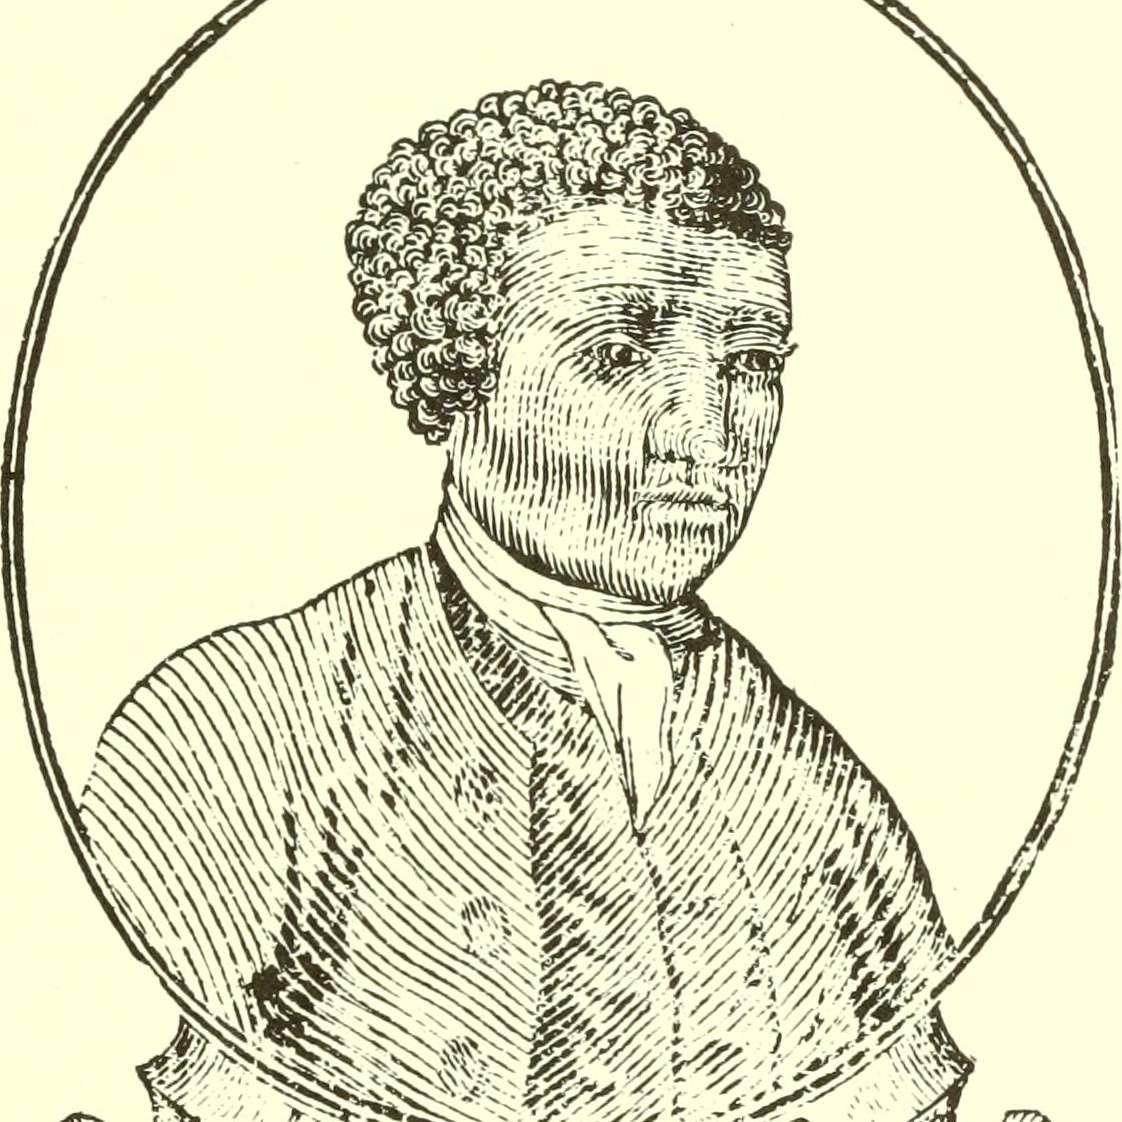 woodcut portrait of Benjamin Banneker from almanac title page